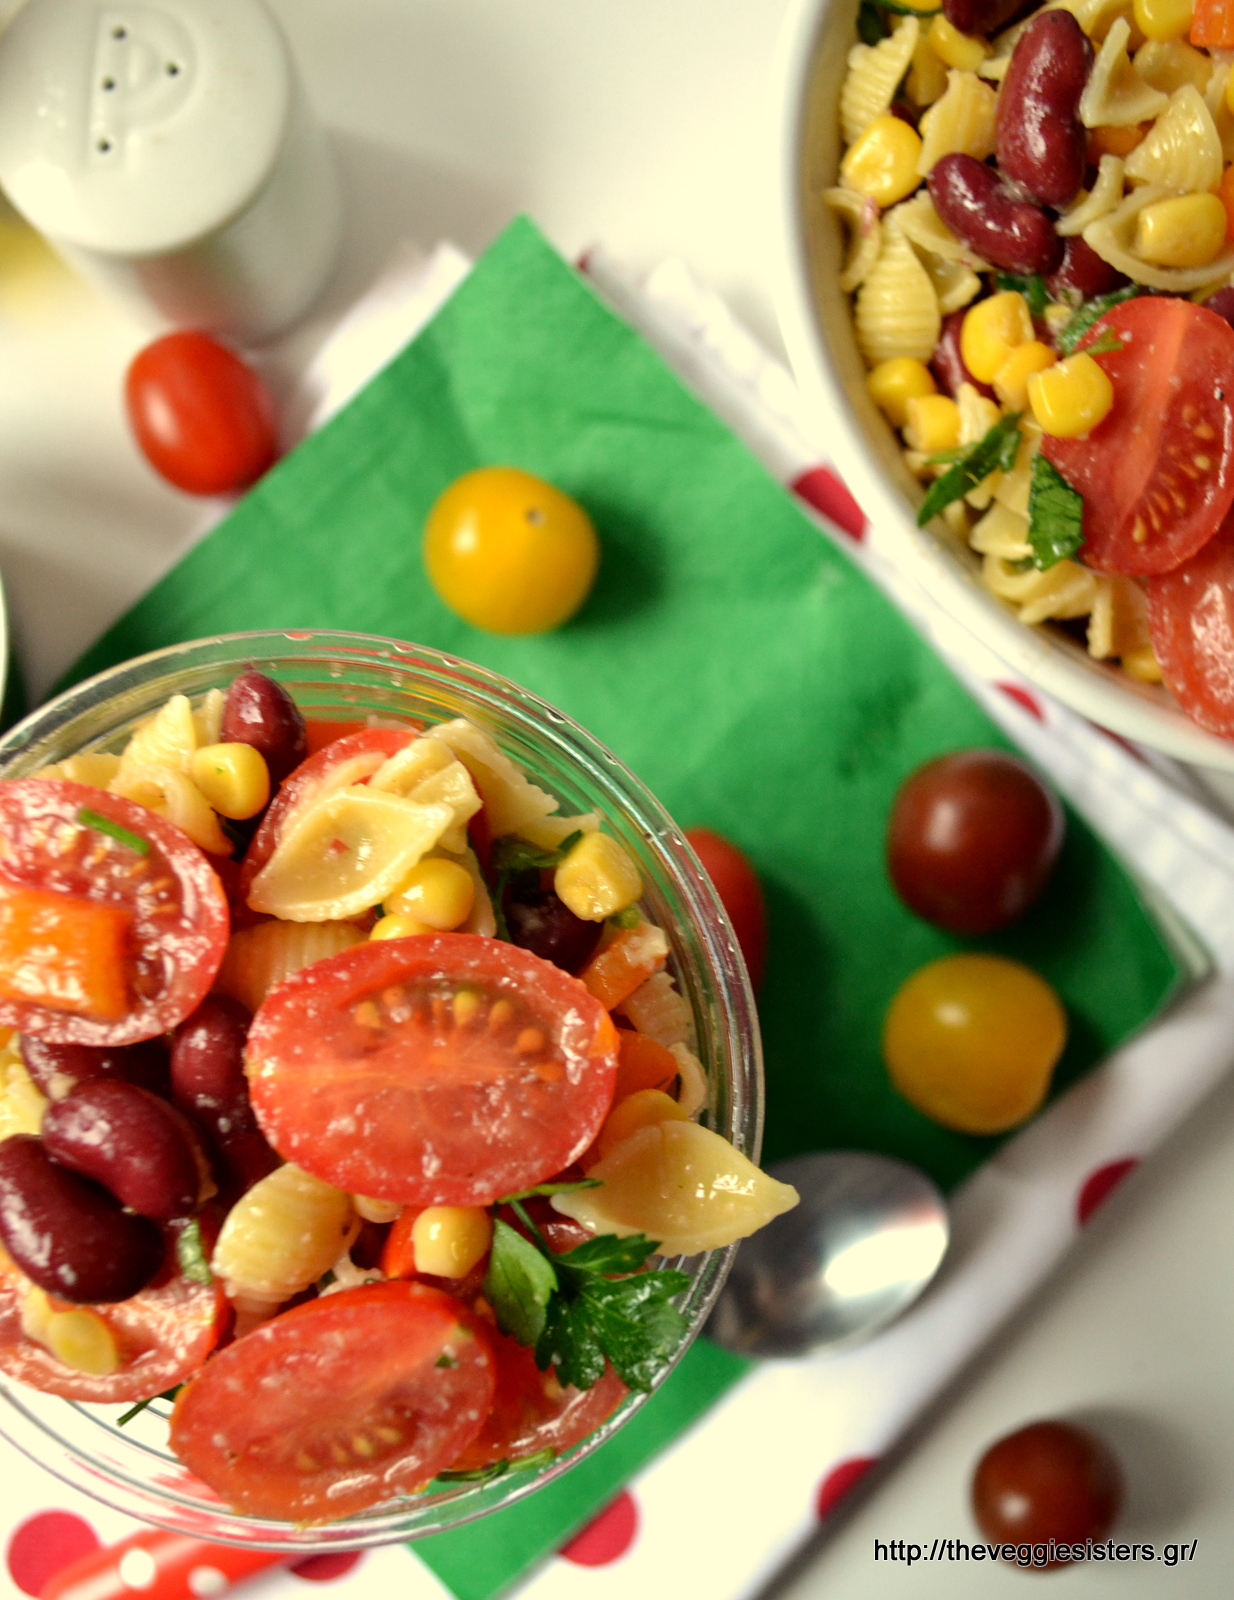 Δροσιστική σαλάτα με ζυμαρικά, λαχανικά κ κόκκινα φασόλια - Refreshing pasta salad with veggies and red beans